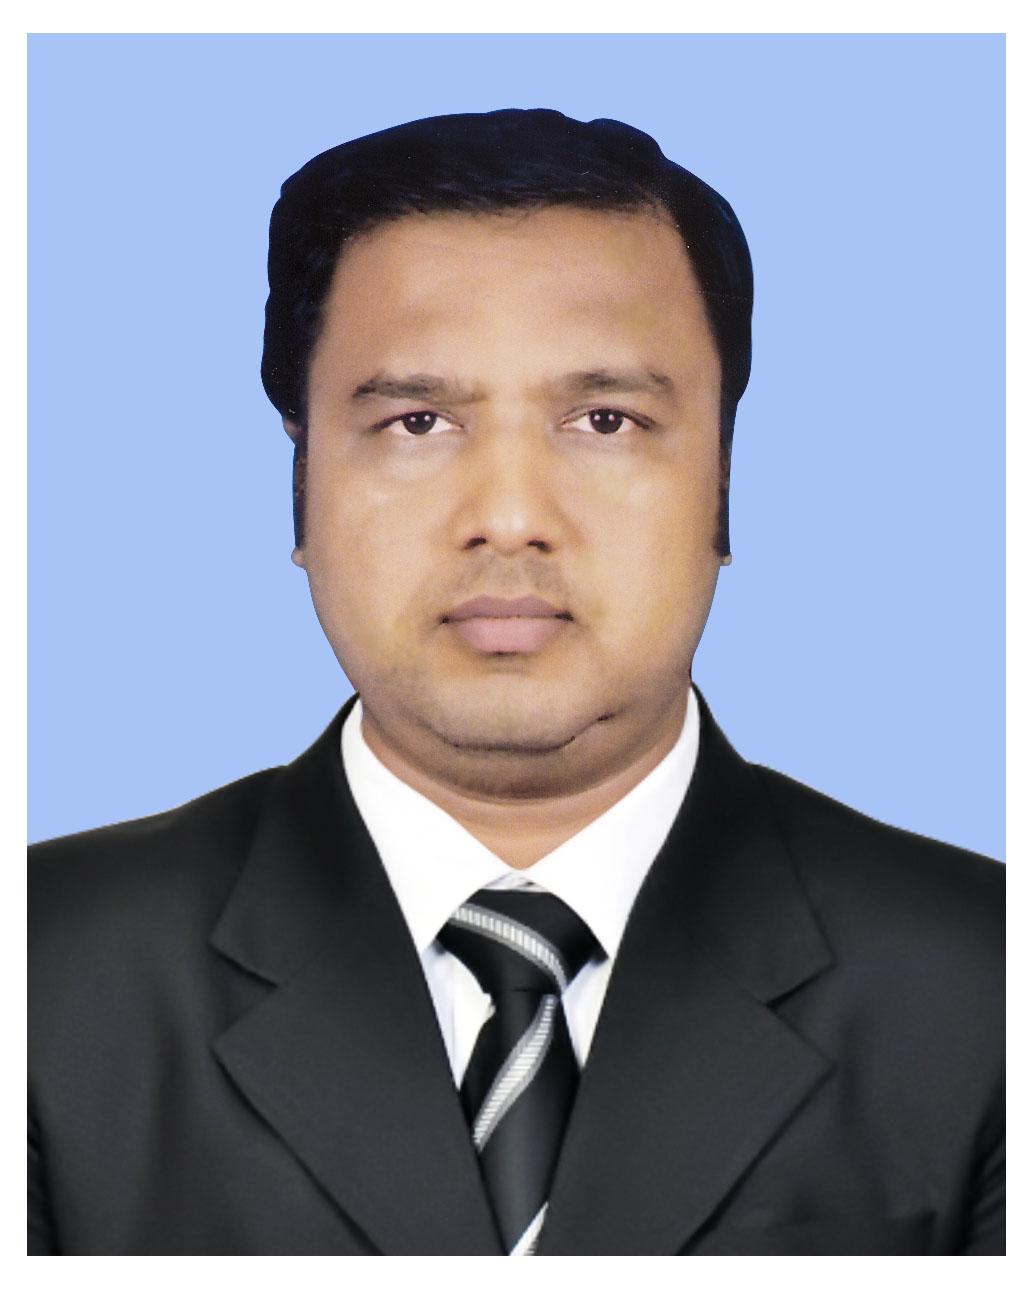 Moshiur Rahman Palash